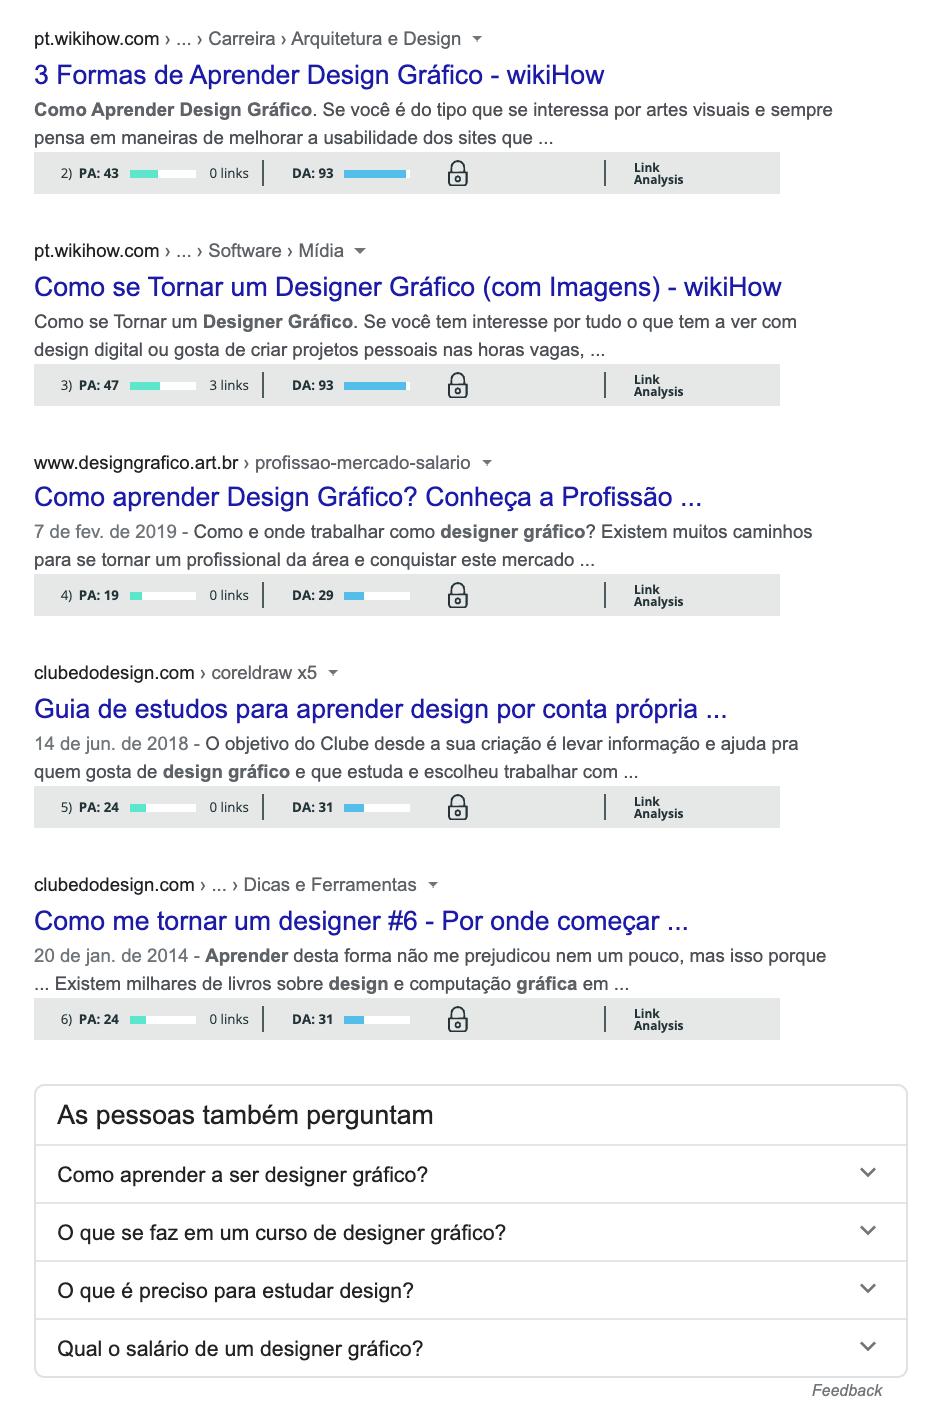 Busca no Google: caixa de sugestões